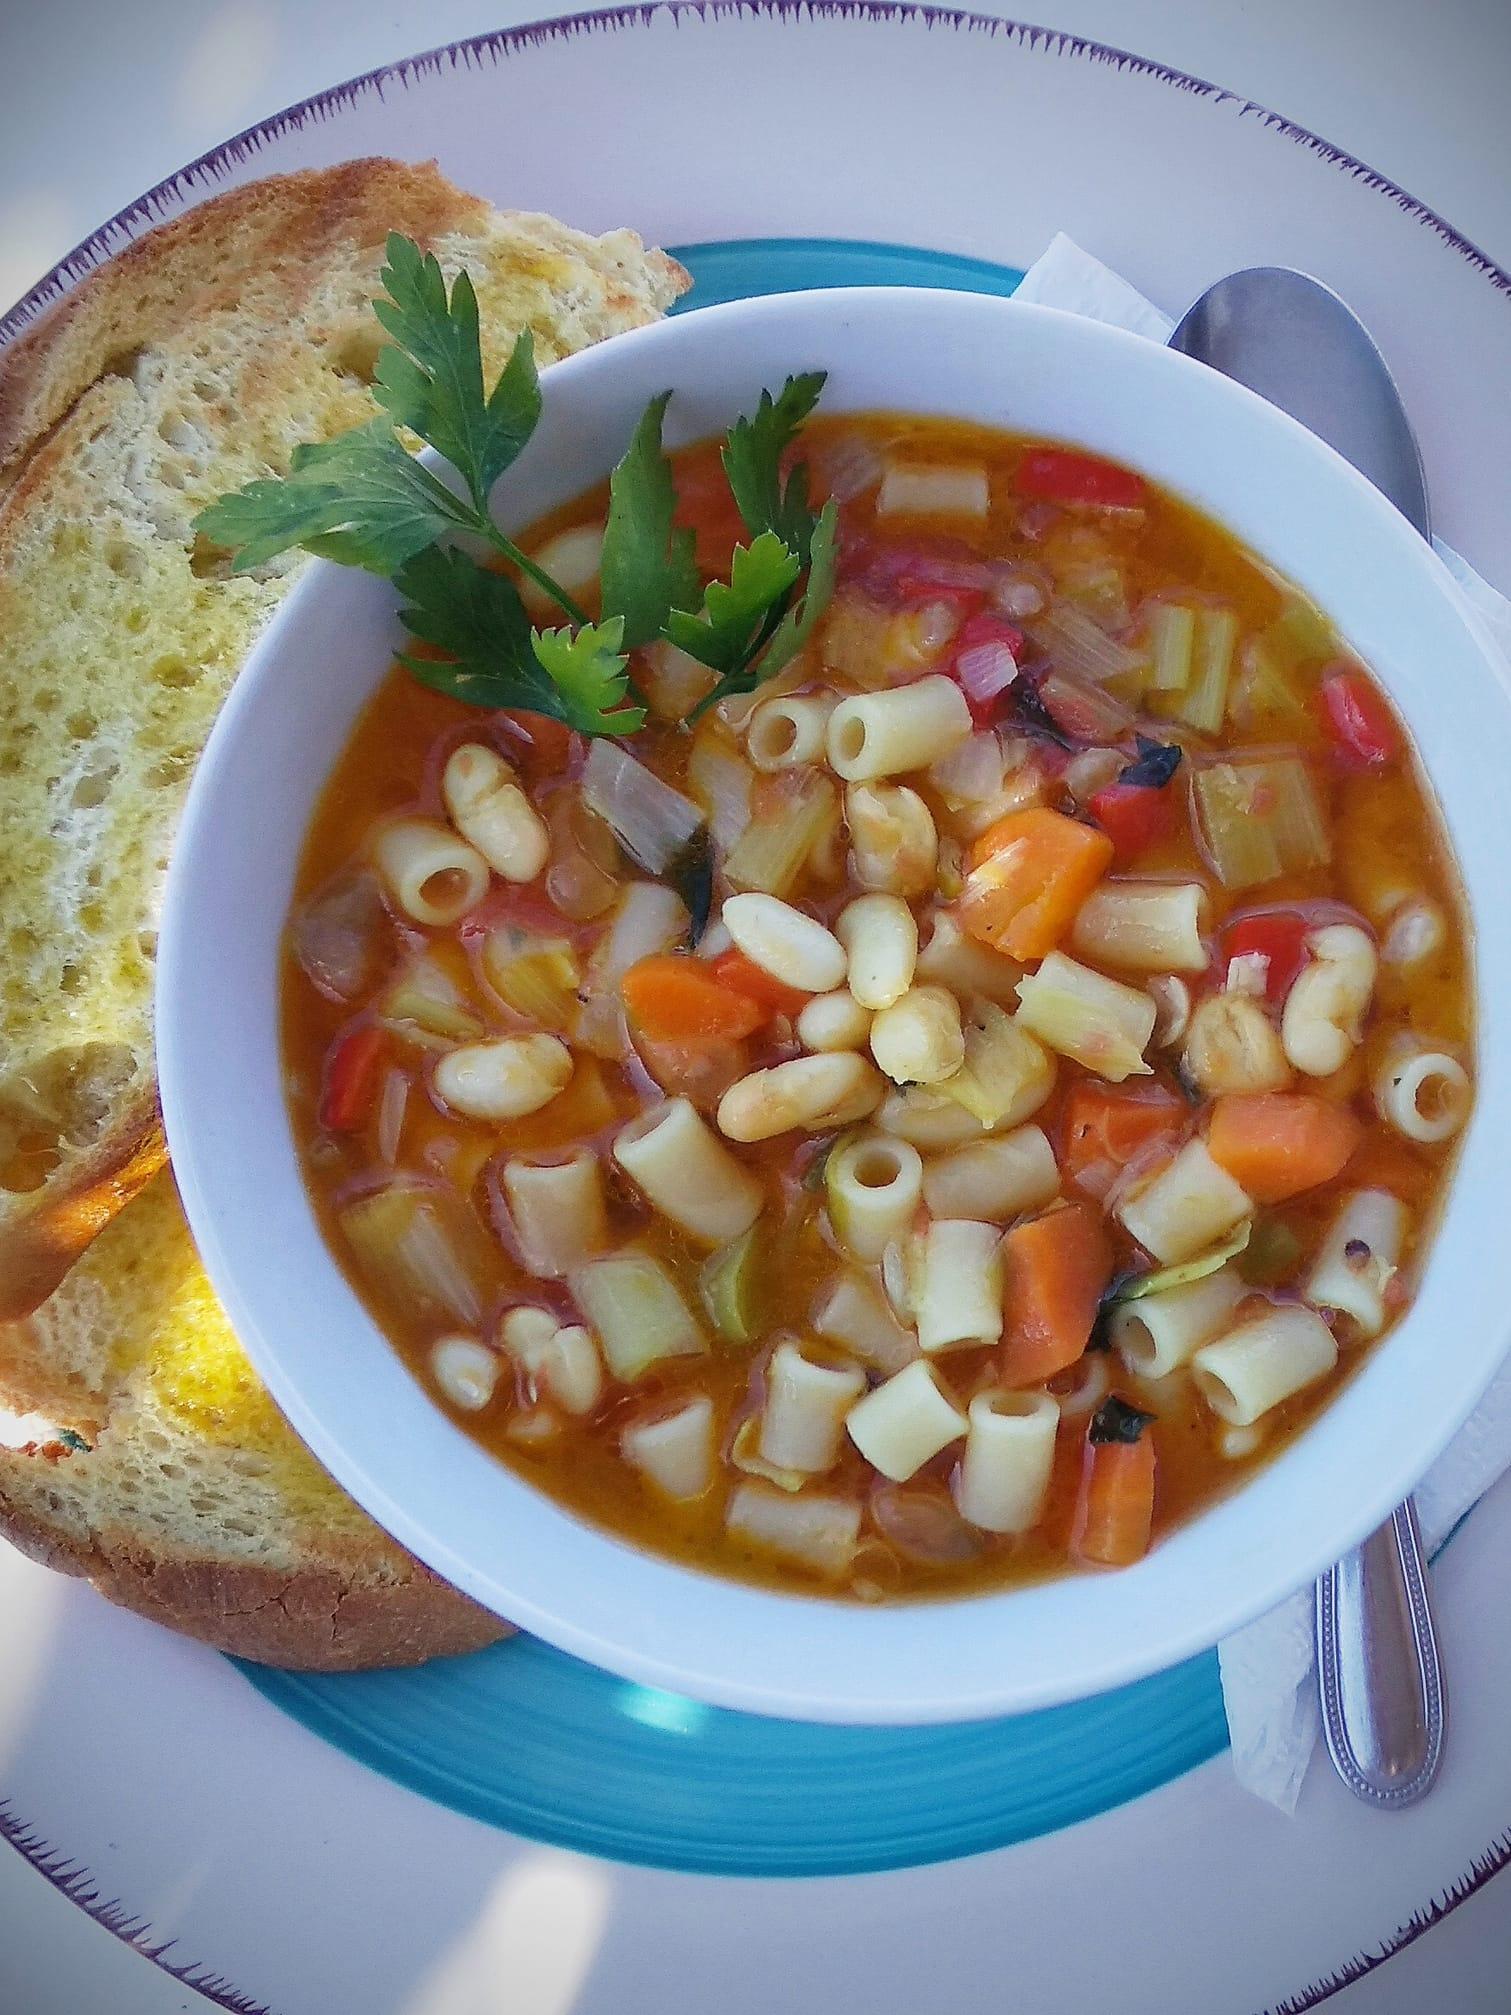 συνταγή για σούπα μινεστρόνε